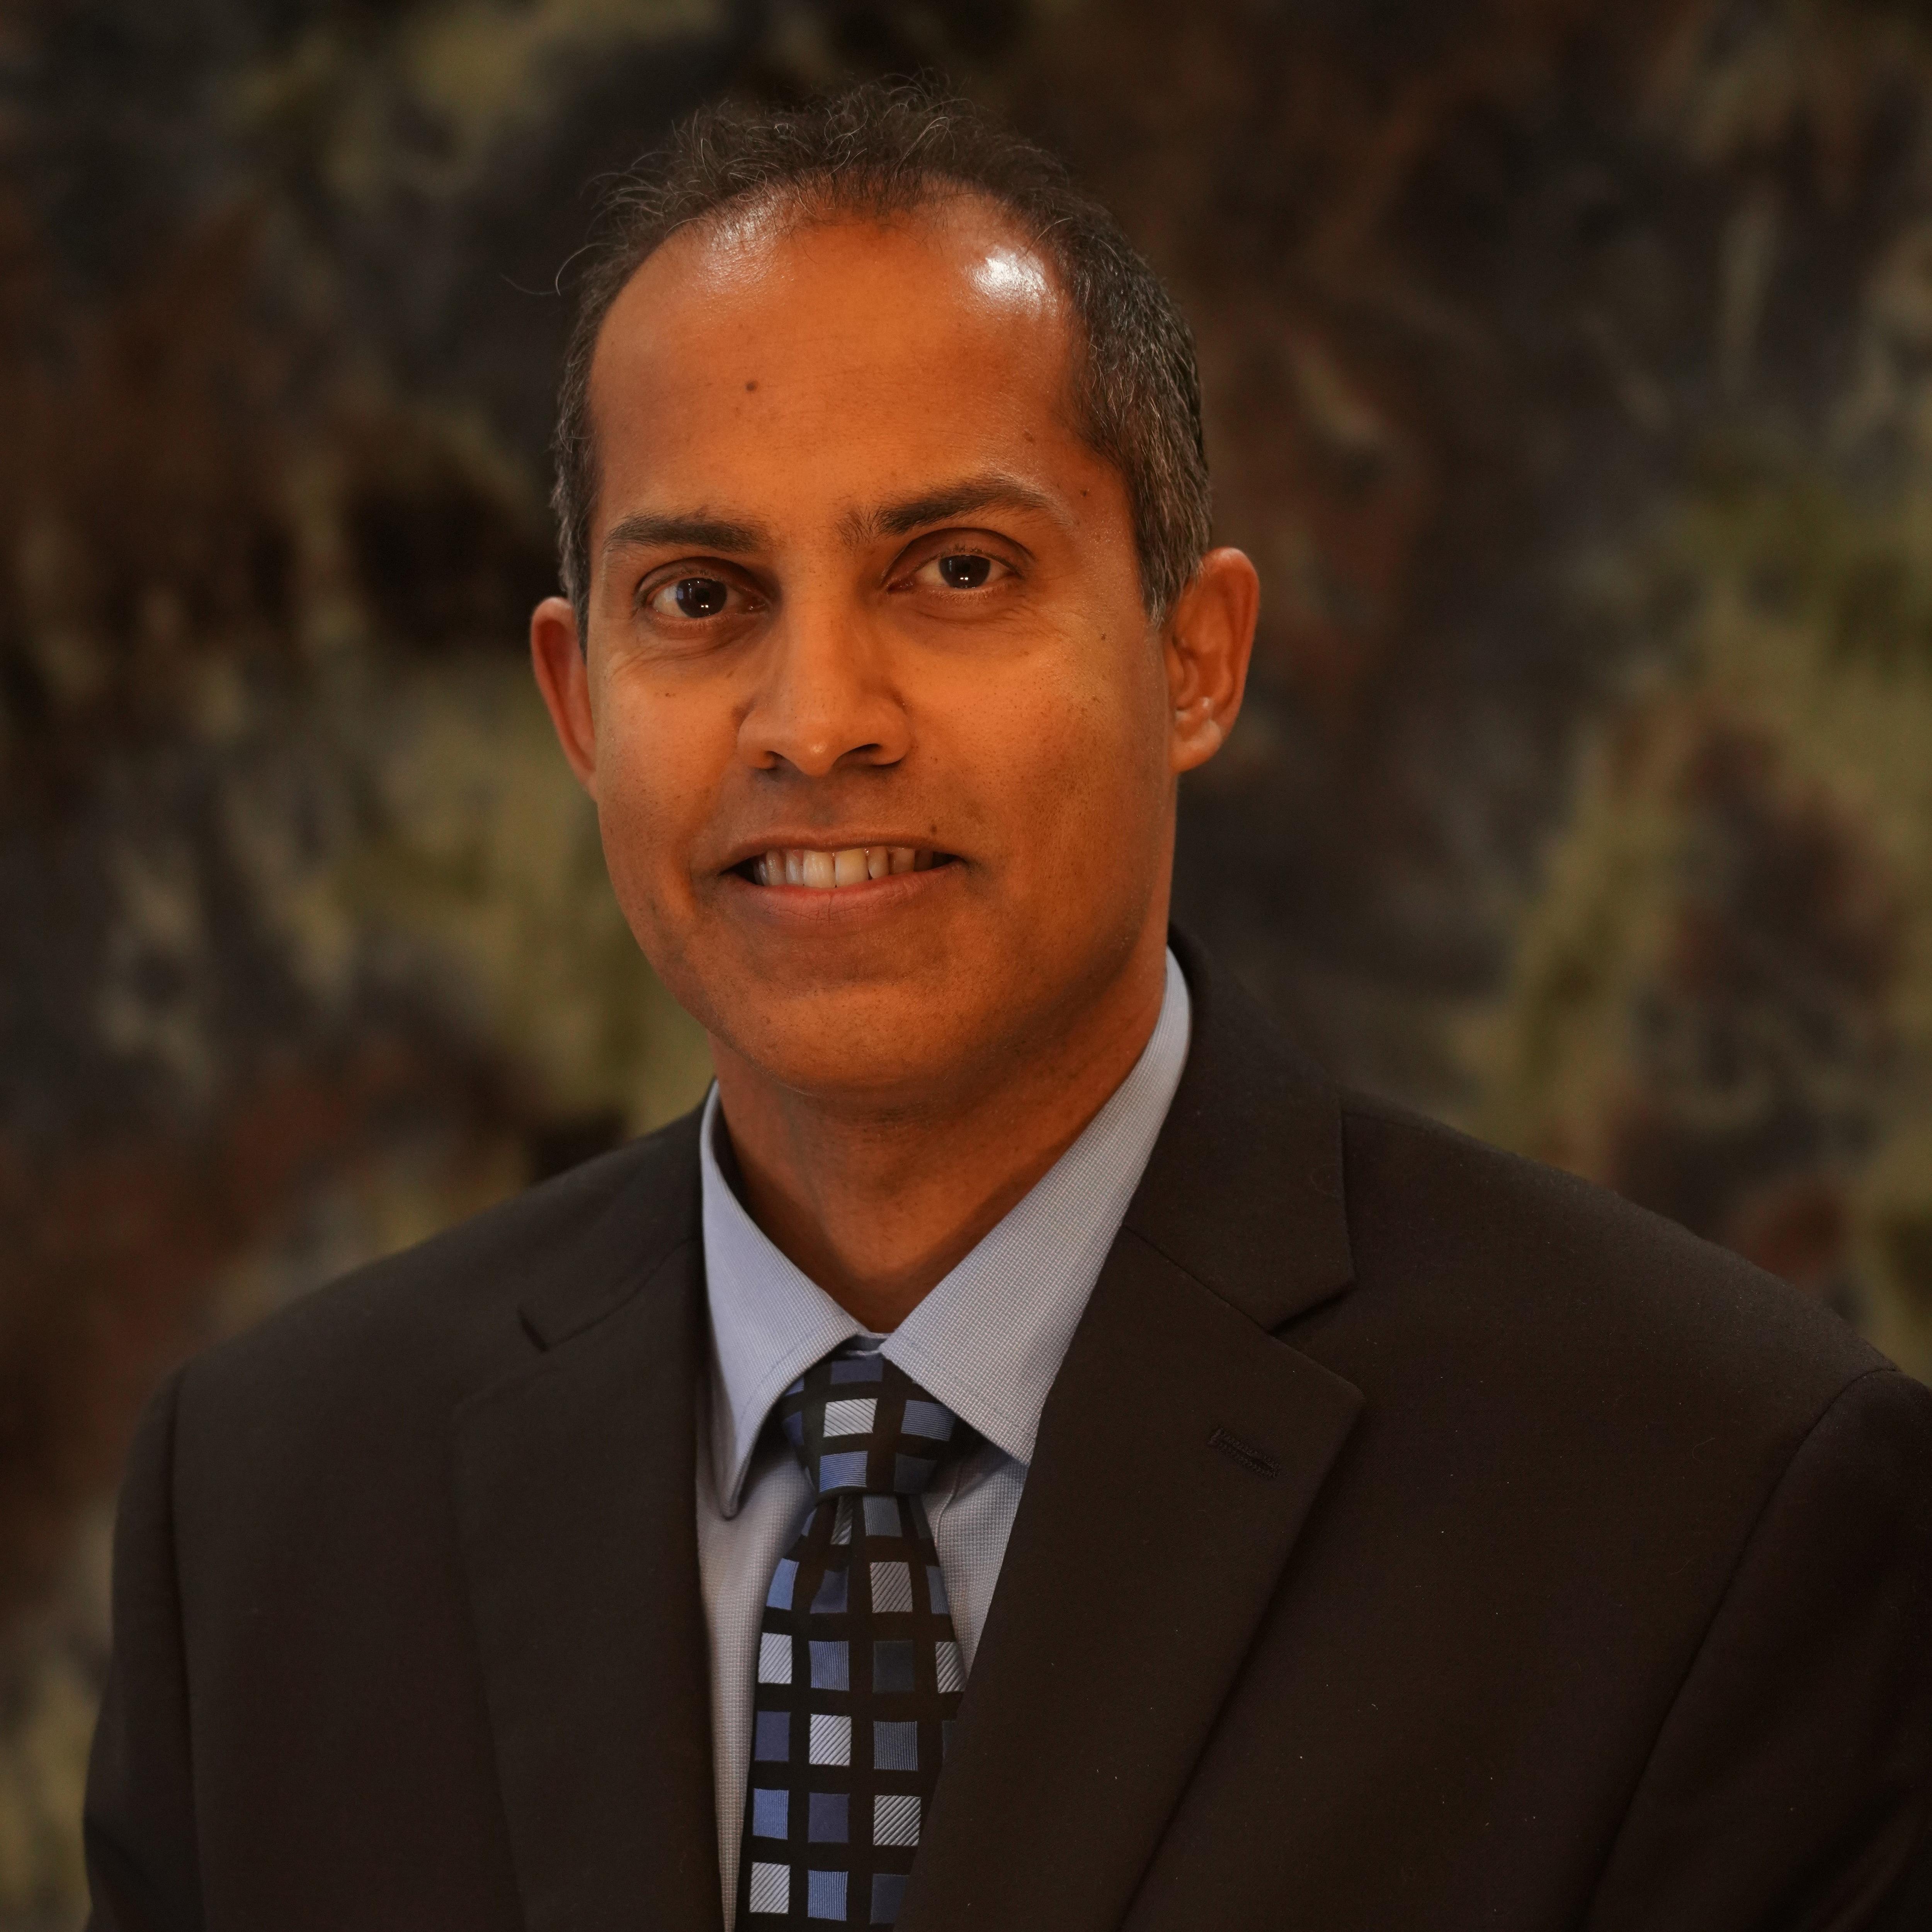 Dr. Dilan Munaweera DDS